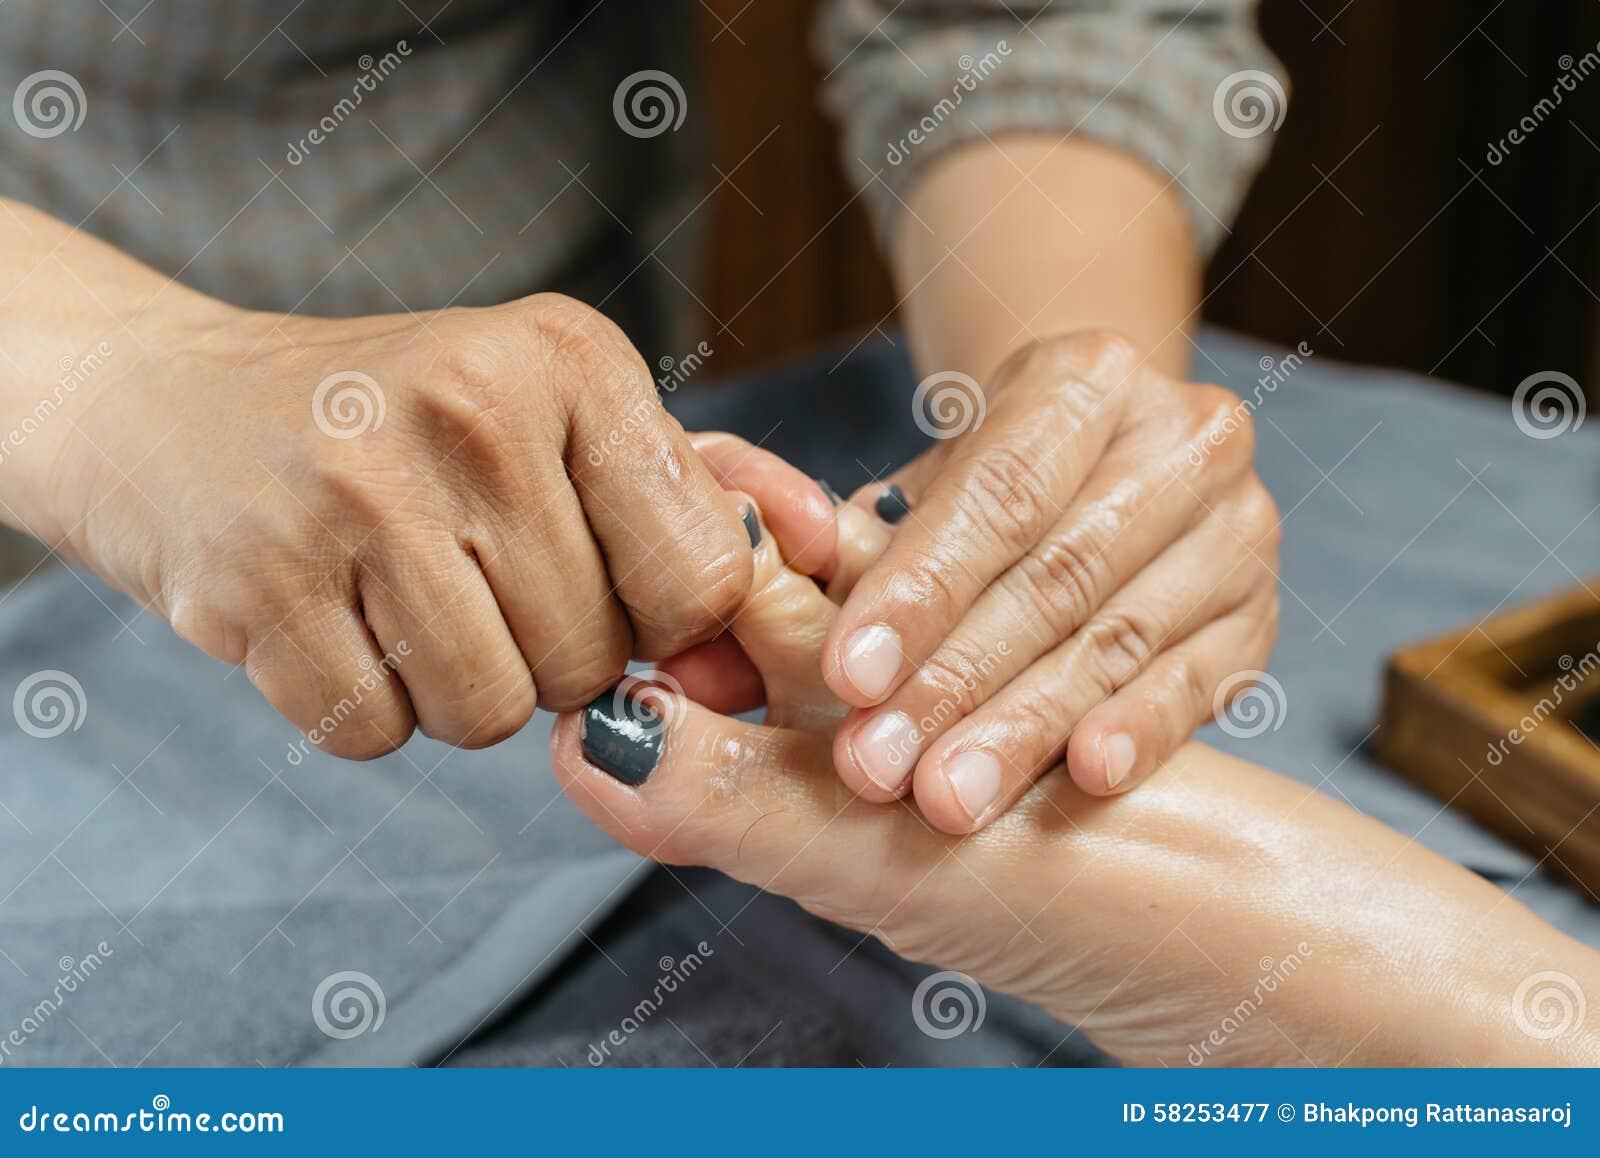 Thailändsk massageserie